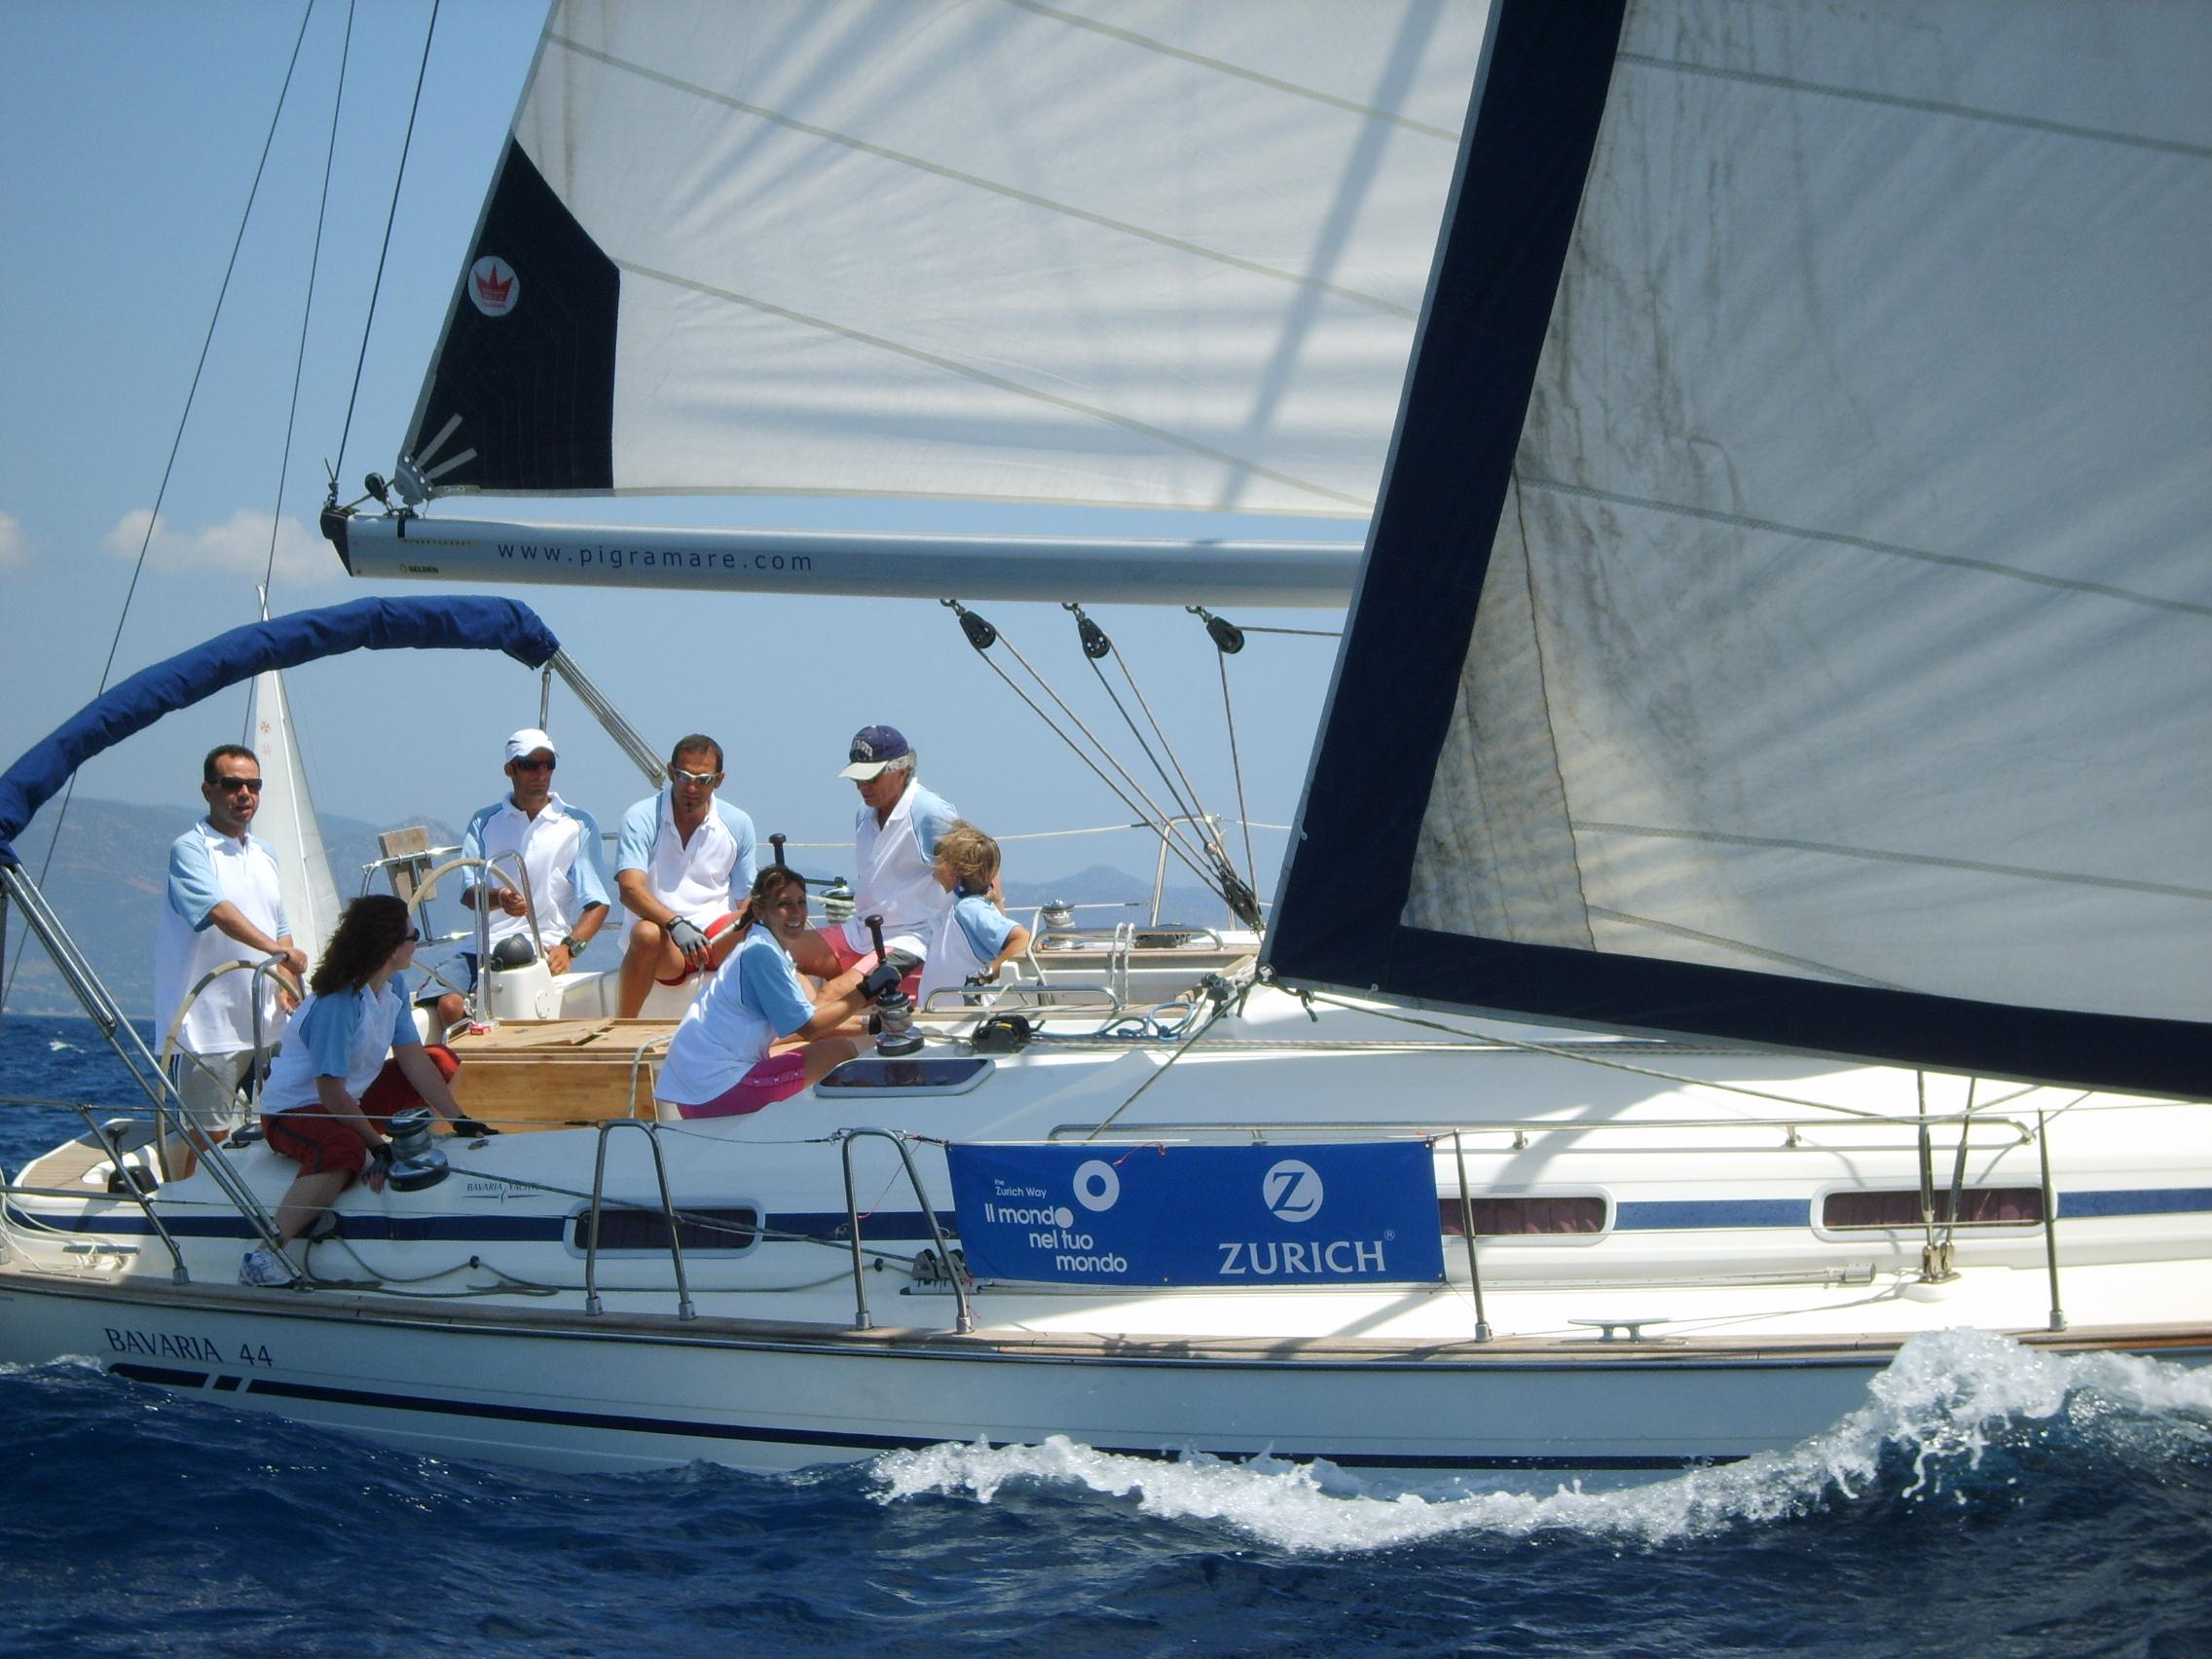 eventi in barca: organizza un evento con le nostre barche - Pigramare